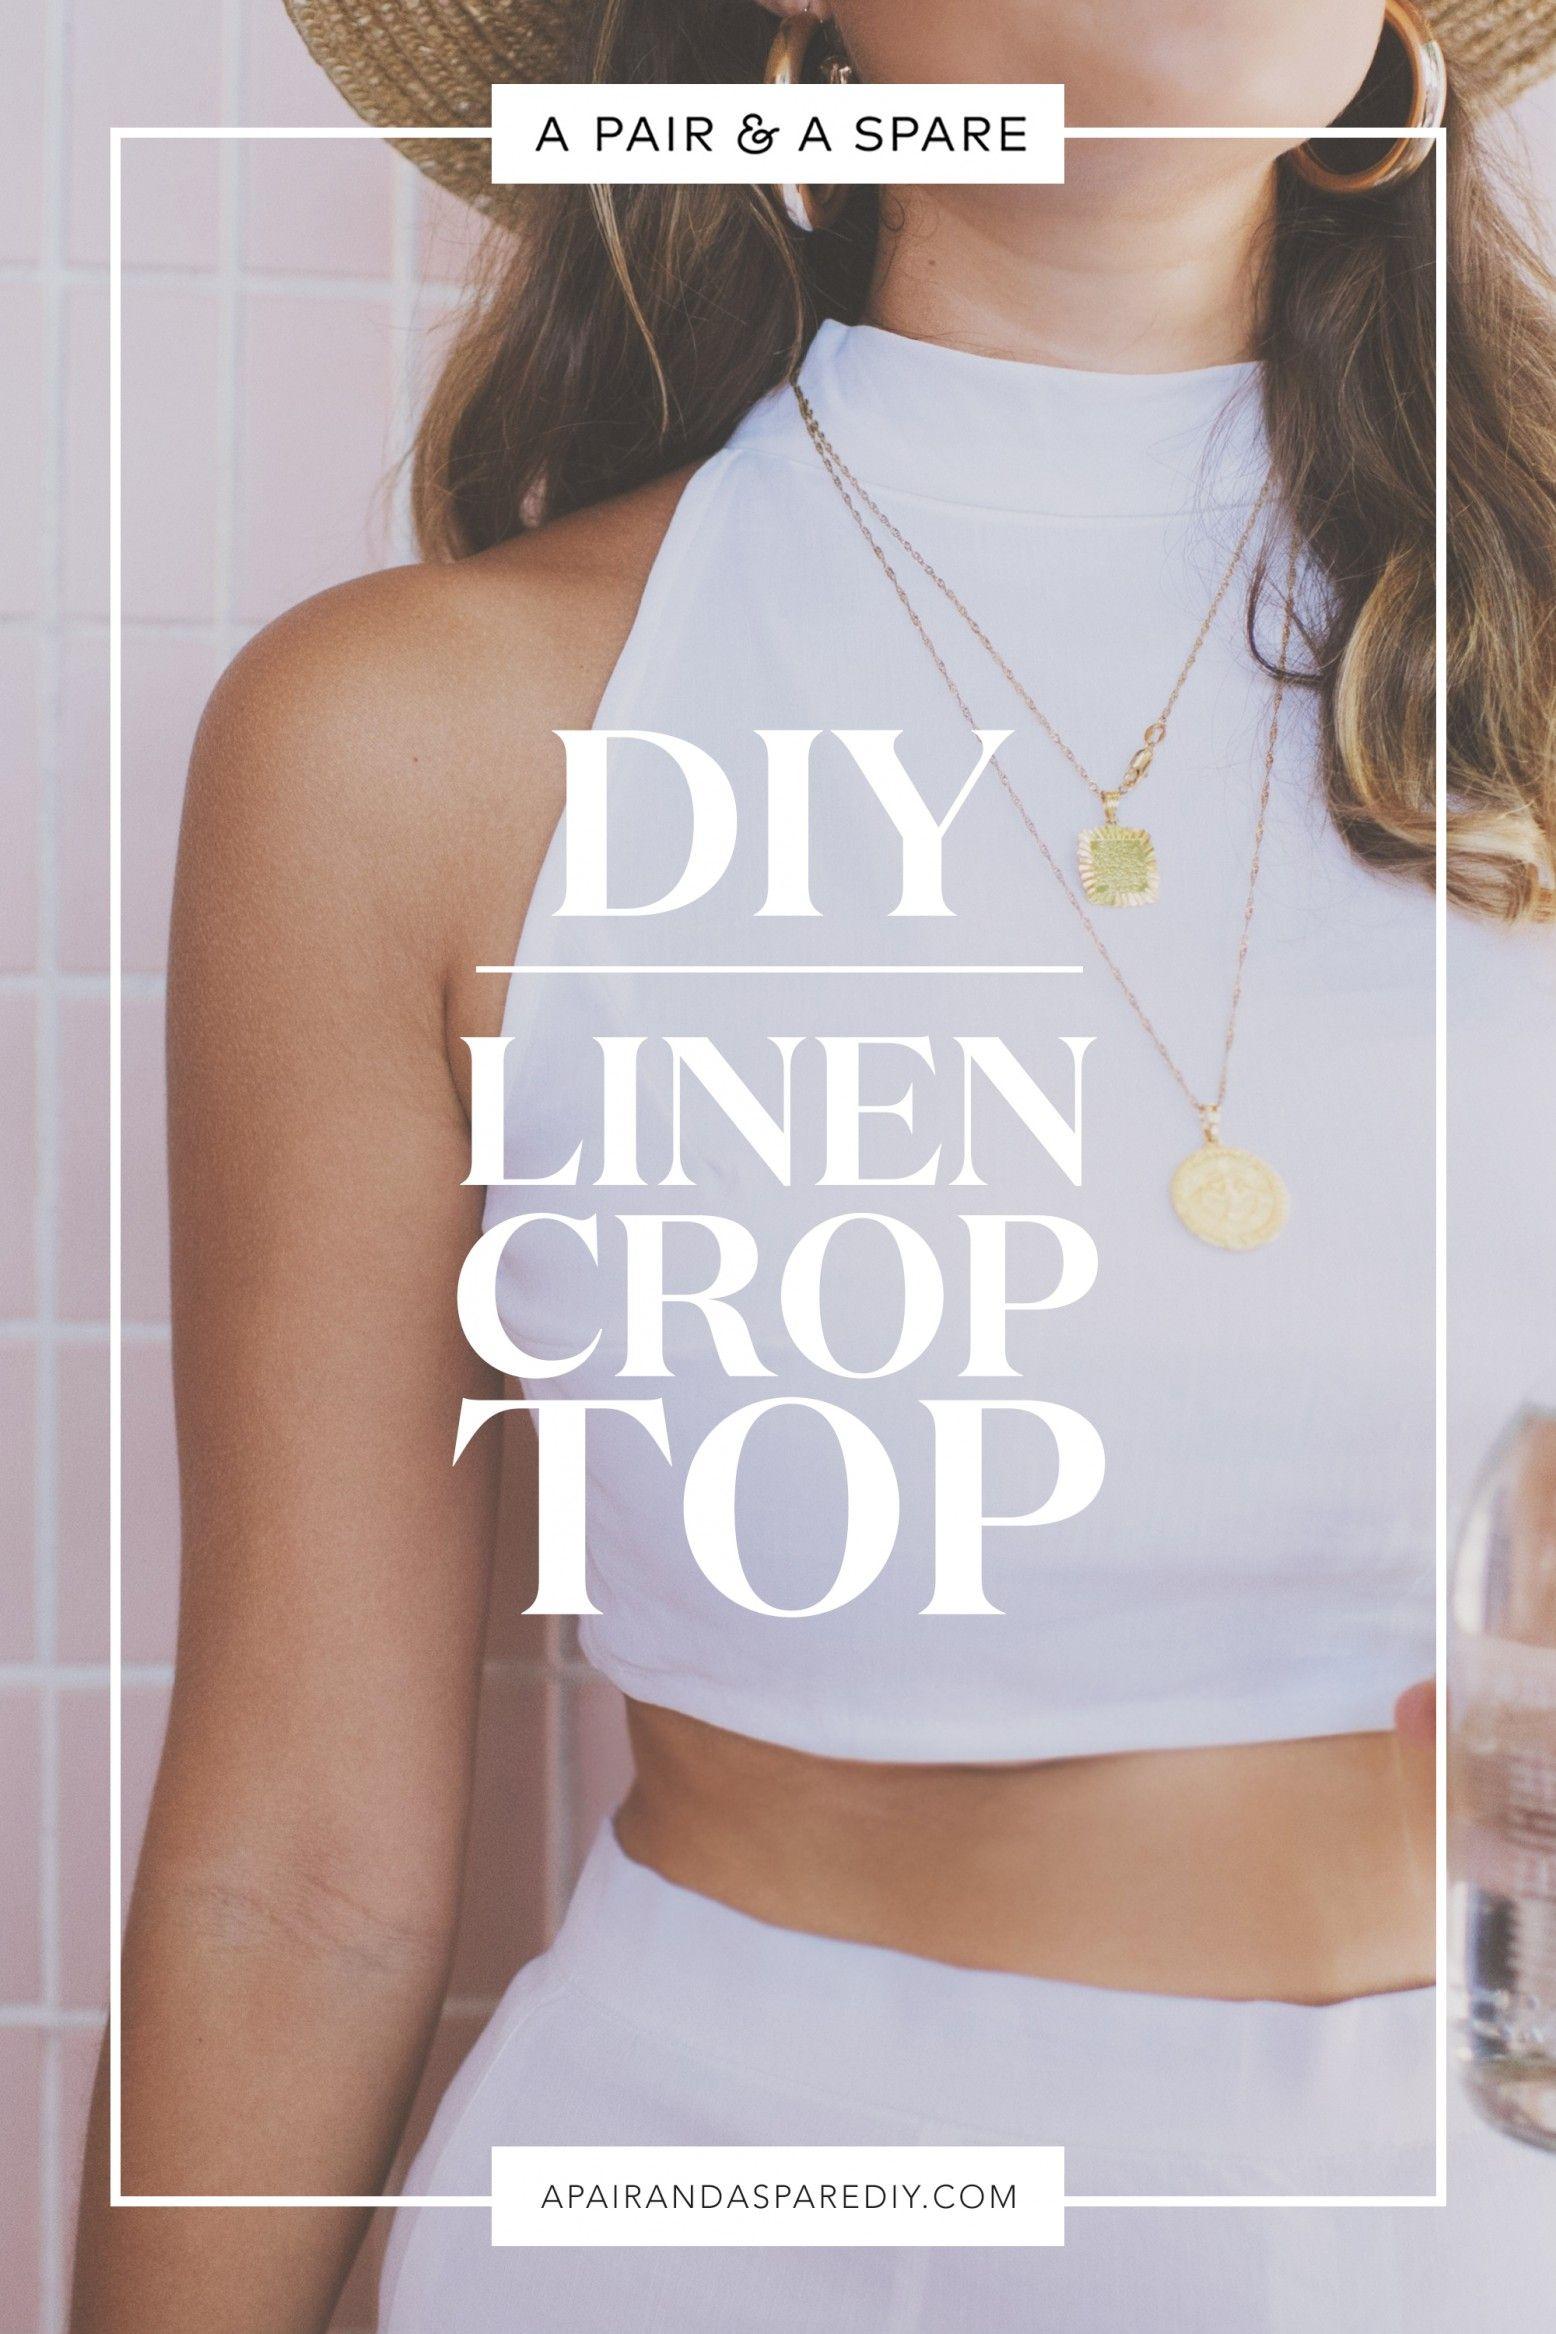 Diy Linen Crop Top Collective Gen Diy Sewing Clothes Diy Fashion Clothing Diy Fashion